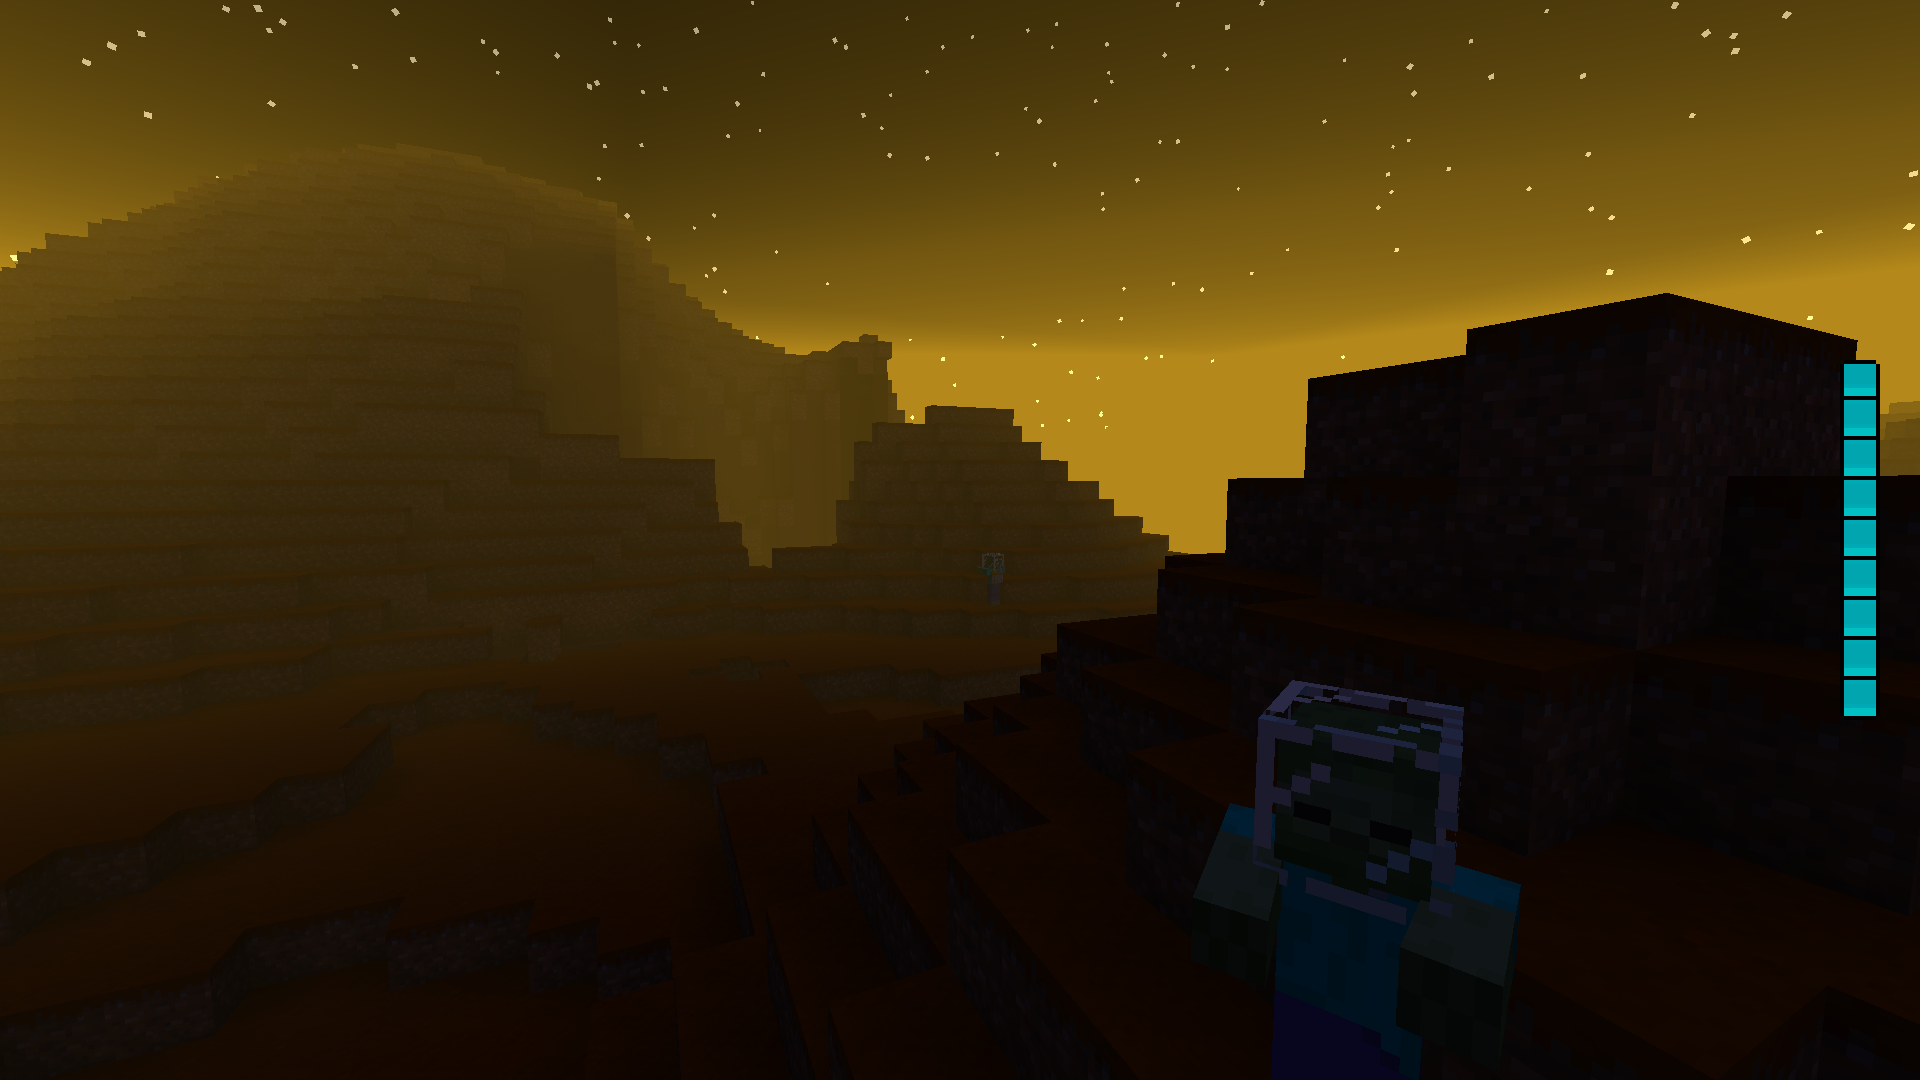 http://minecraft-forum.net/wp-content/uploads/2013/02/9c2b7__Galacticraft-Mod-8.png